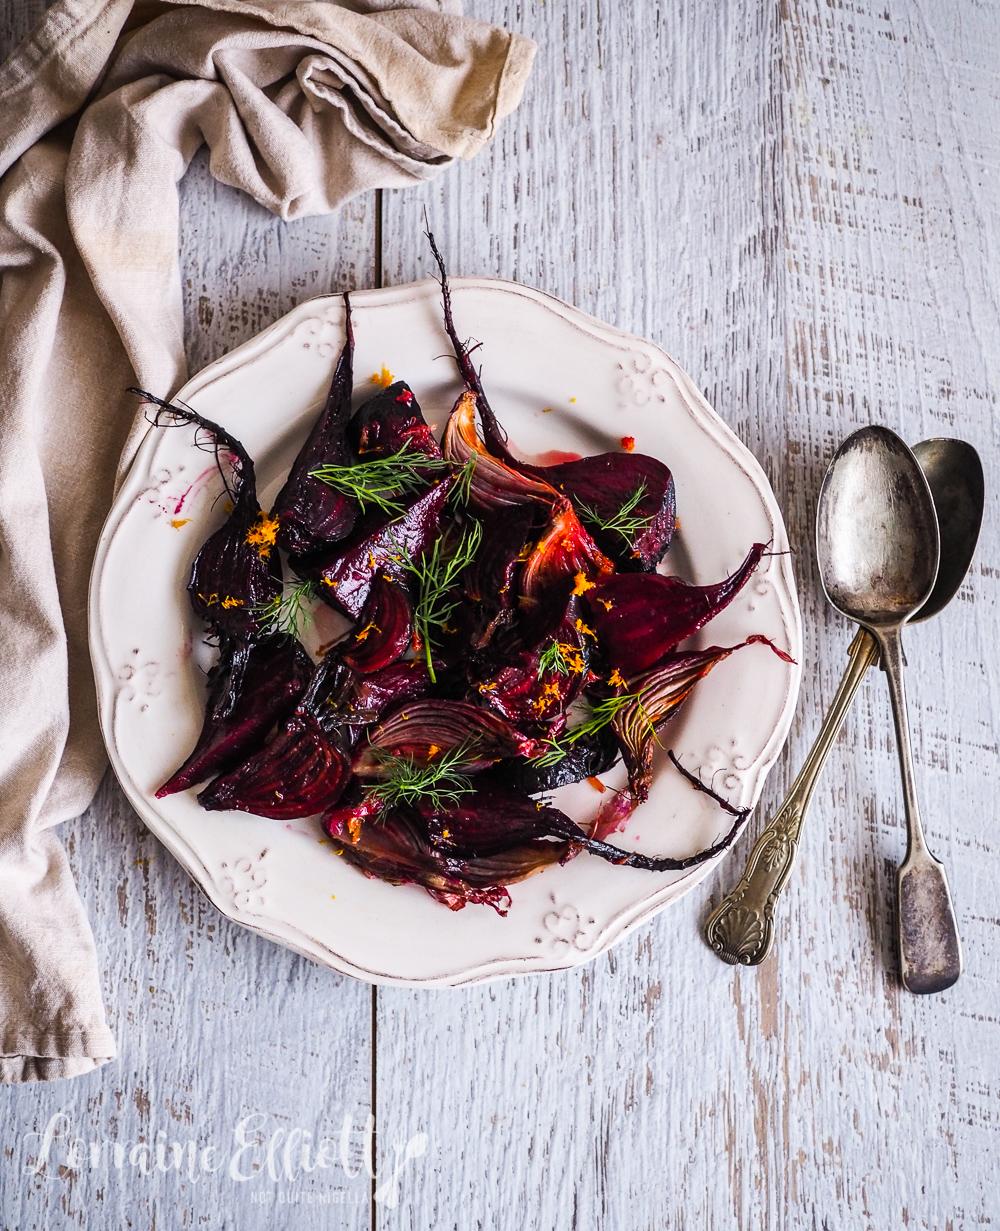 Roasted Beetroot & Orange Salad